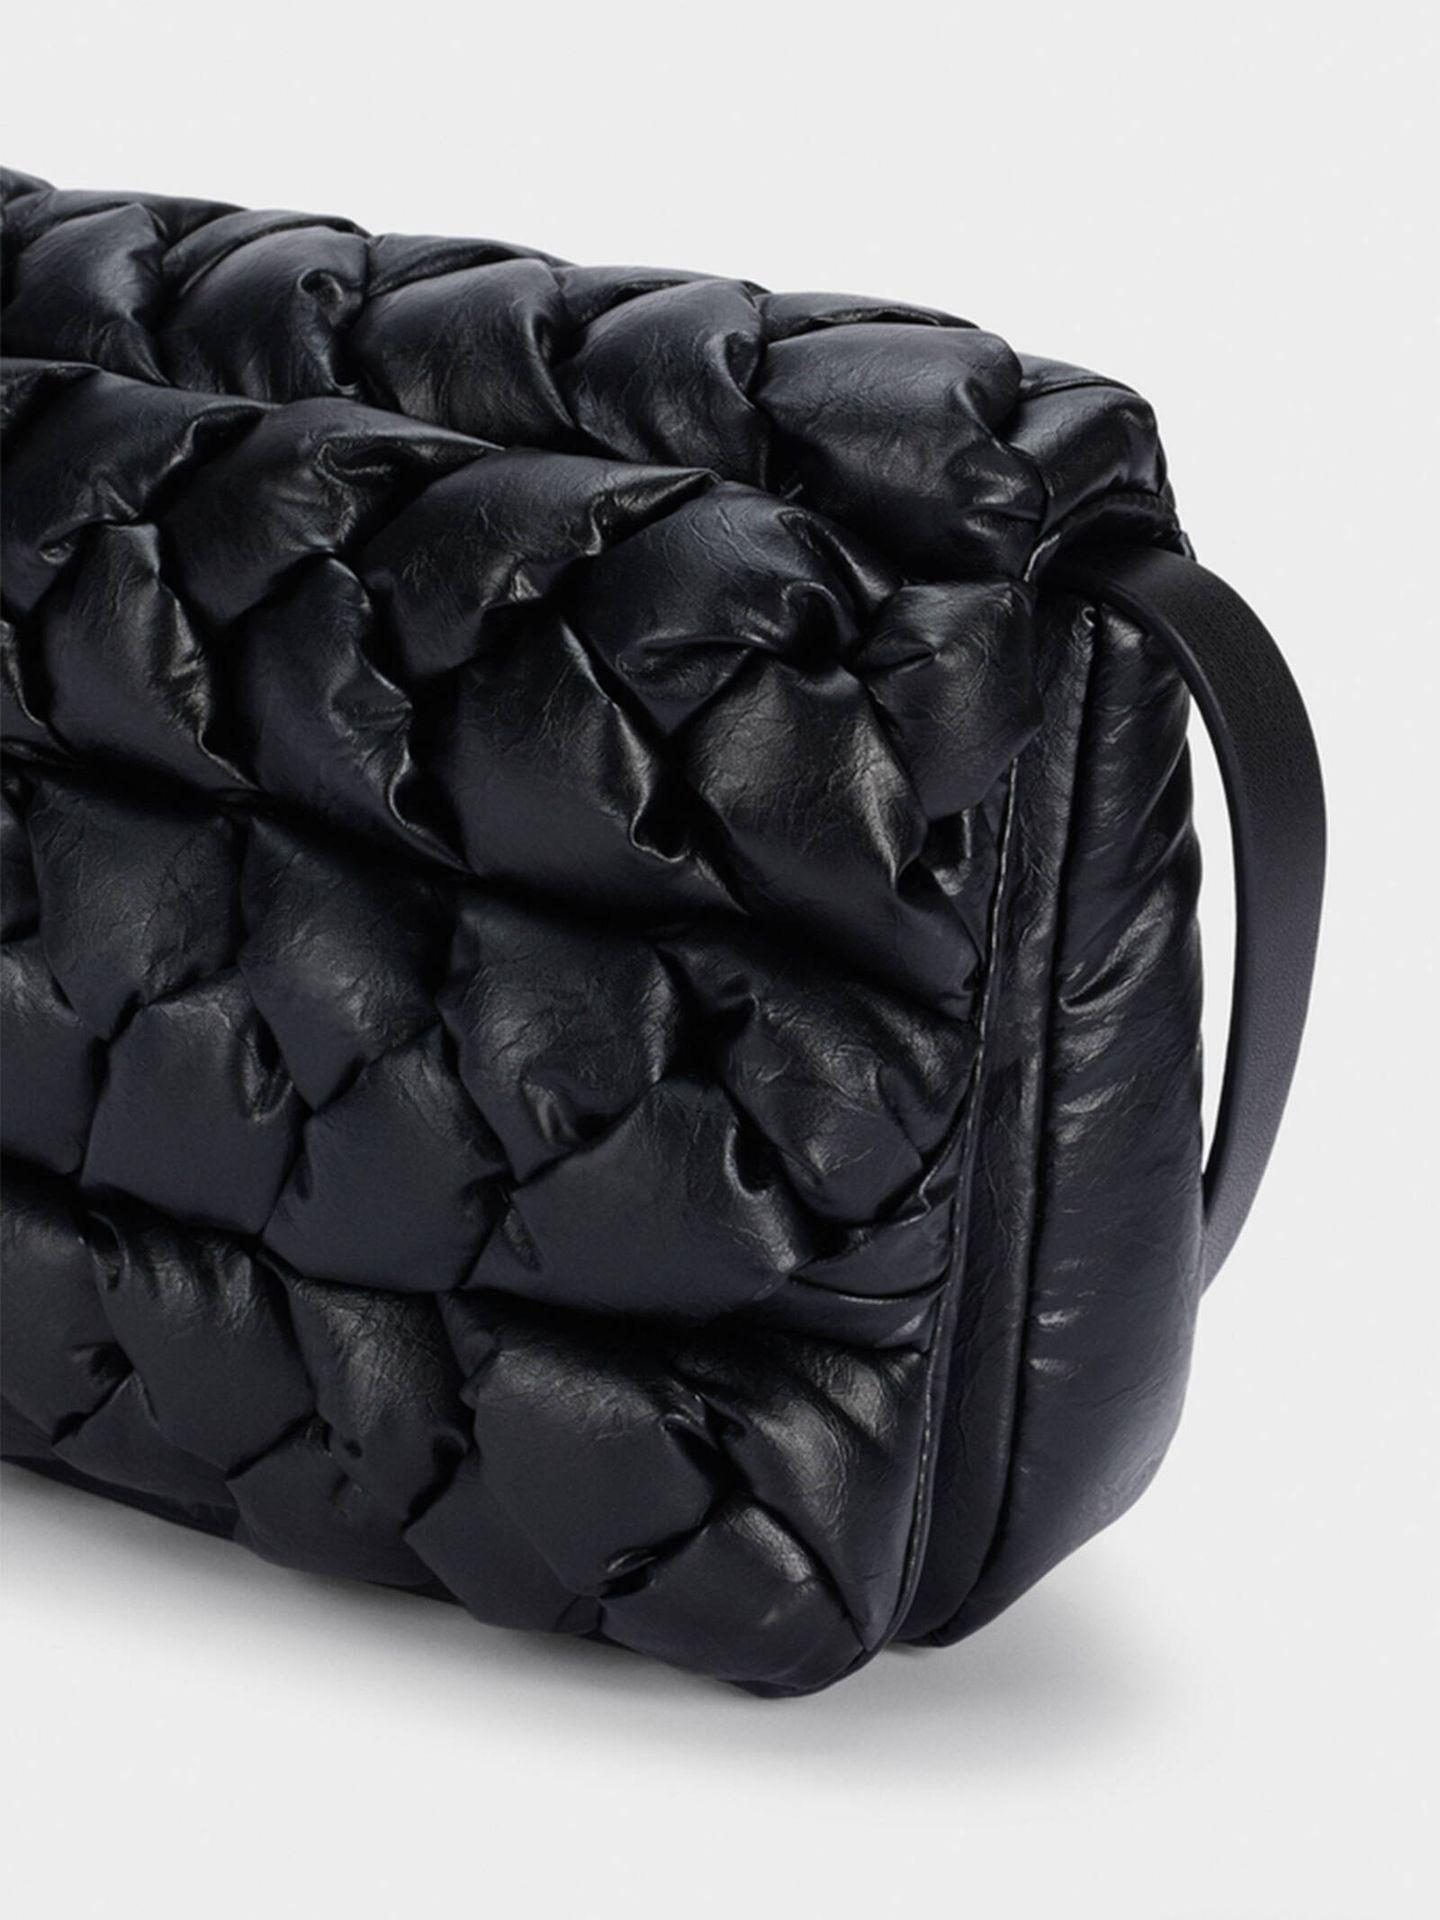 El bolso bandolera de Parfois que conquista a mujeres de todas las edades. (Cortesía)